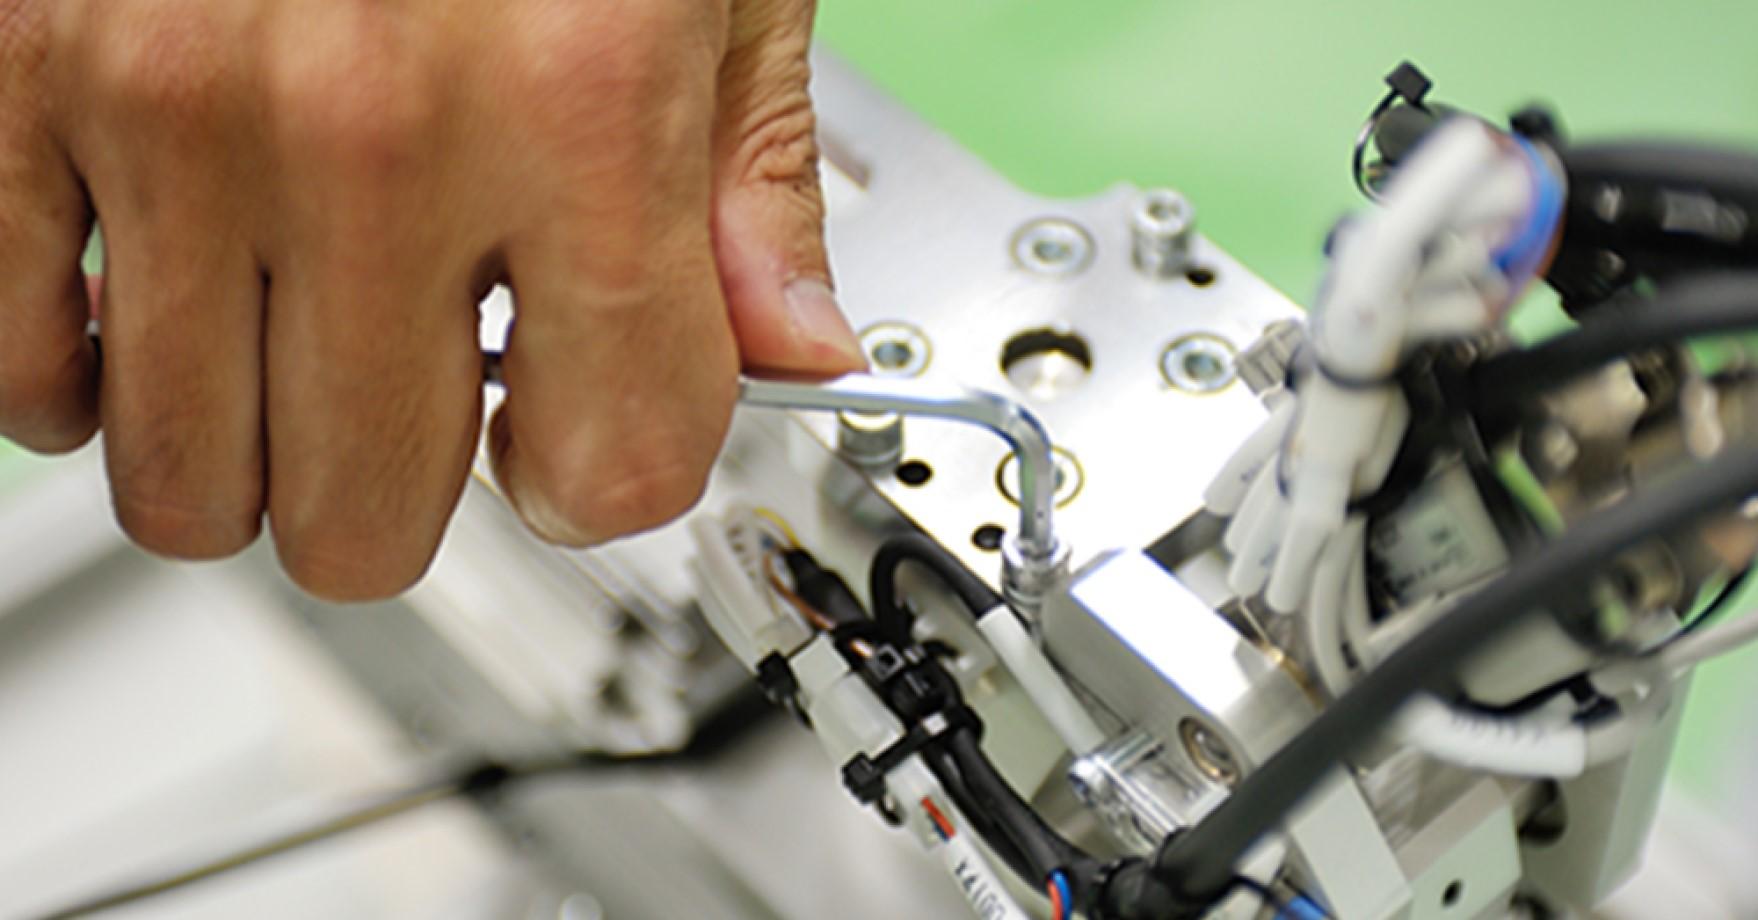 「ダントツに良いものを速く創る」をモットーに、日本の製造業を支える制御設計士募集